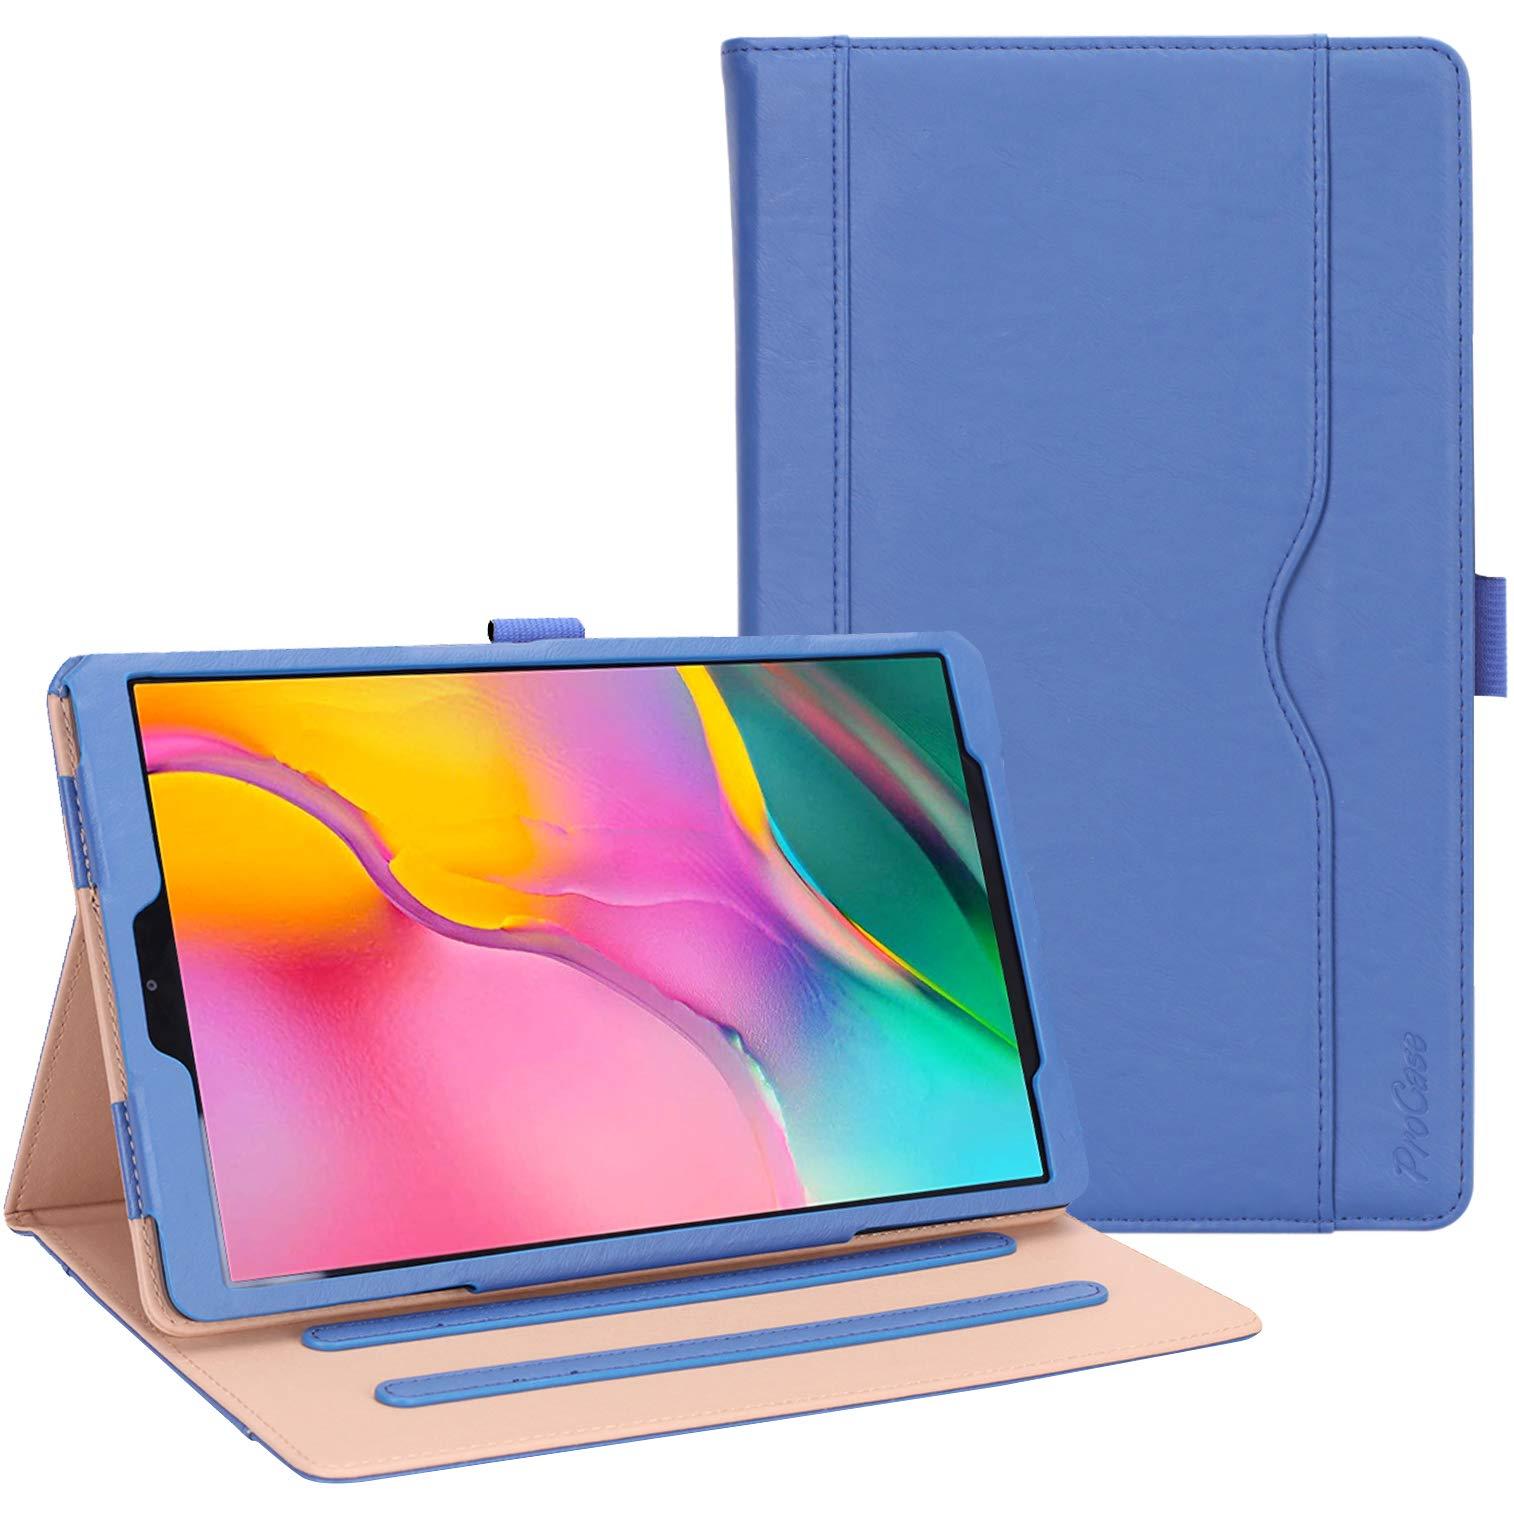 Funda Samsung Galaxy Tab A 10.1 SM-T510 (2019) PROCASE [7QPN97W3]